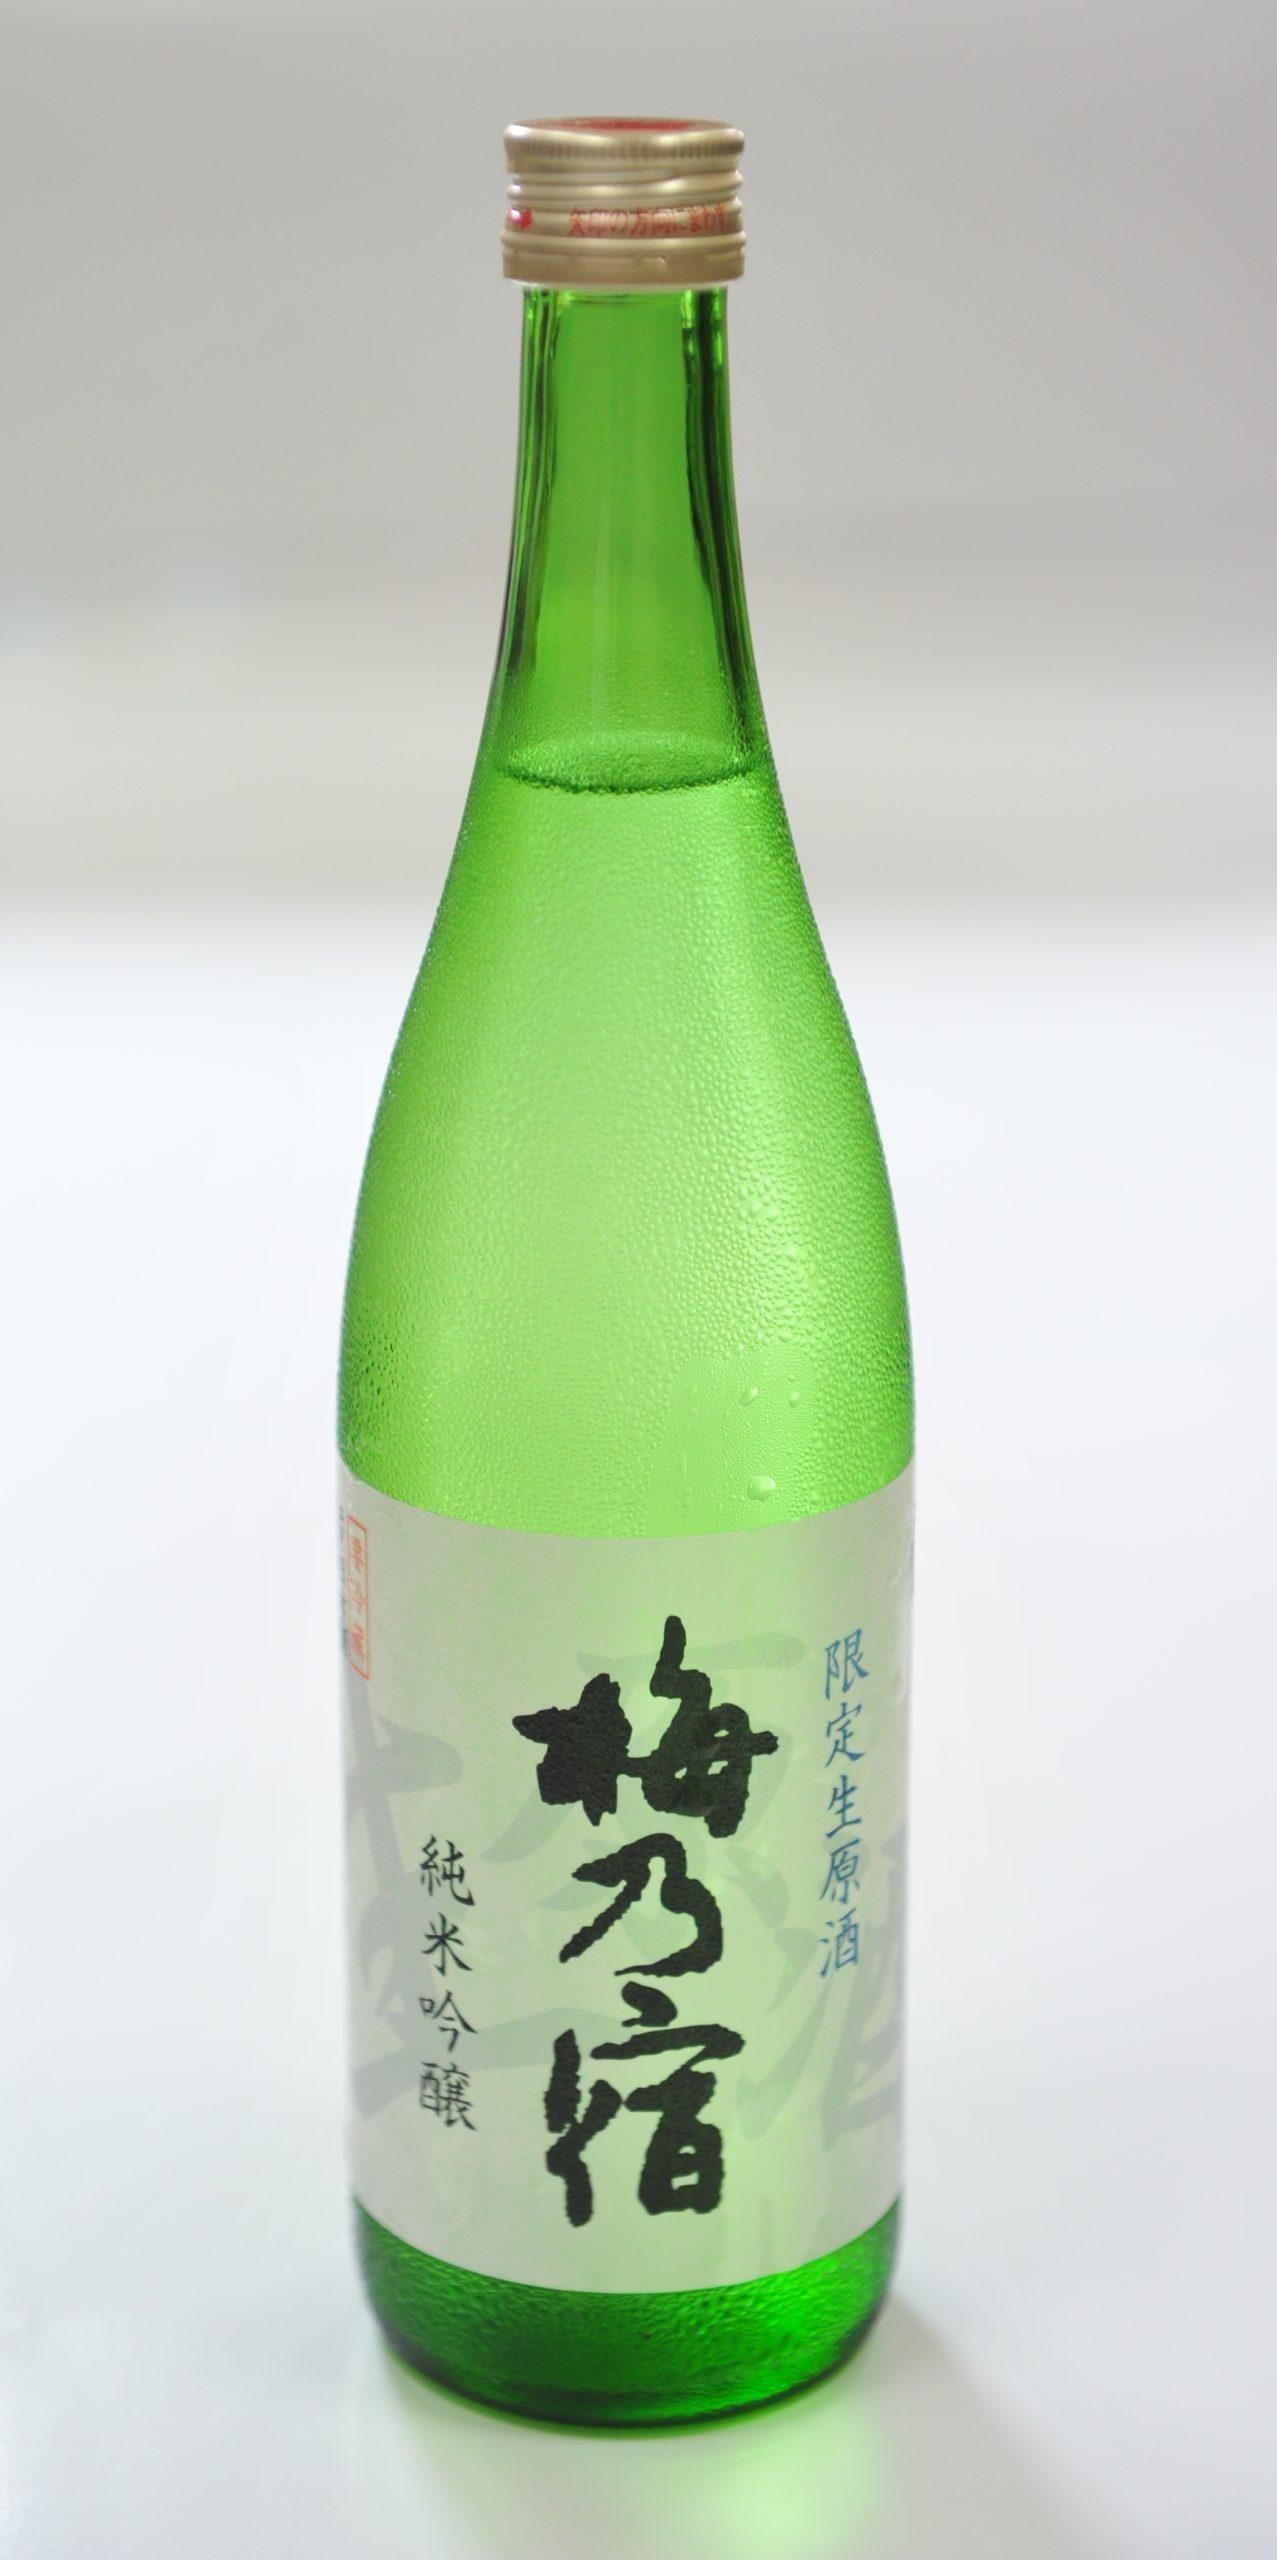 梅乃宿純米吟醸生酒 1,800ml